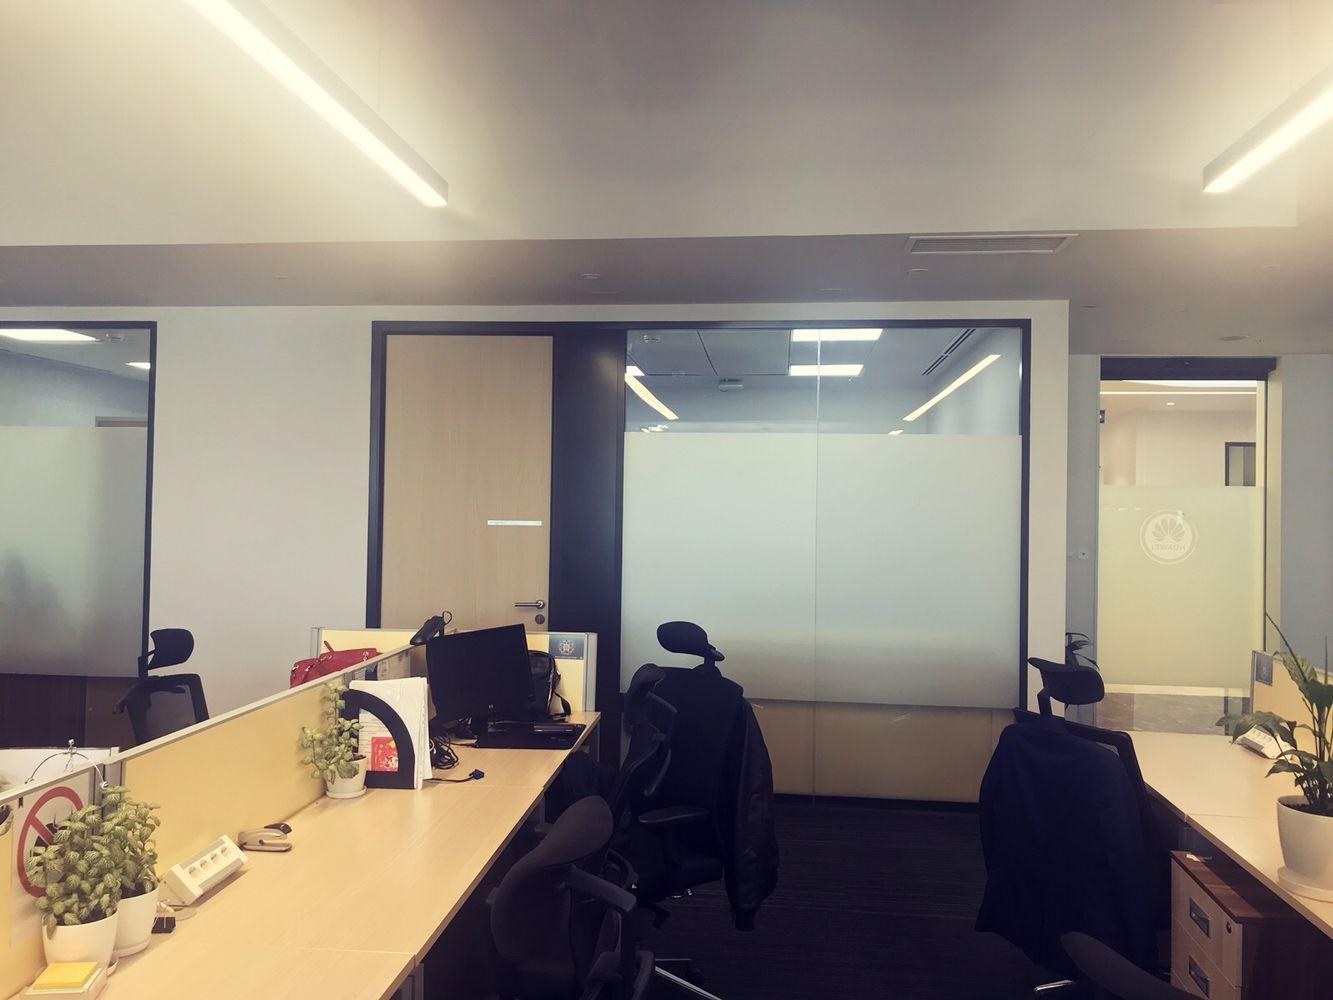 Фото Офис будущего: стационарные перегородки и двери от компании NAYADA